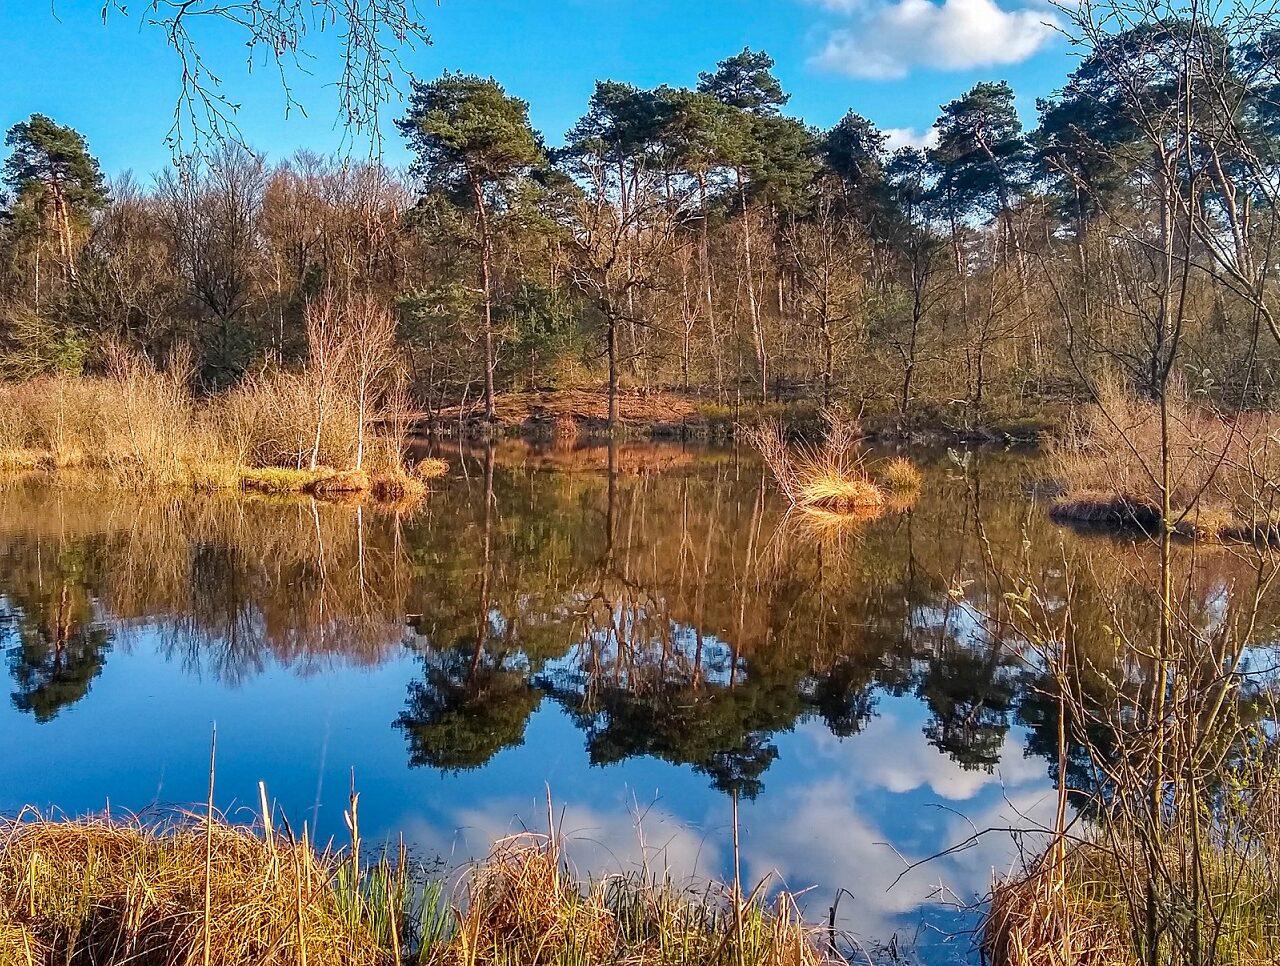 vennen-tijdens-14-vennenwandeling-oisterwijk-brabant